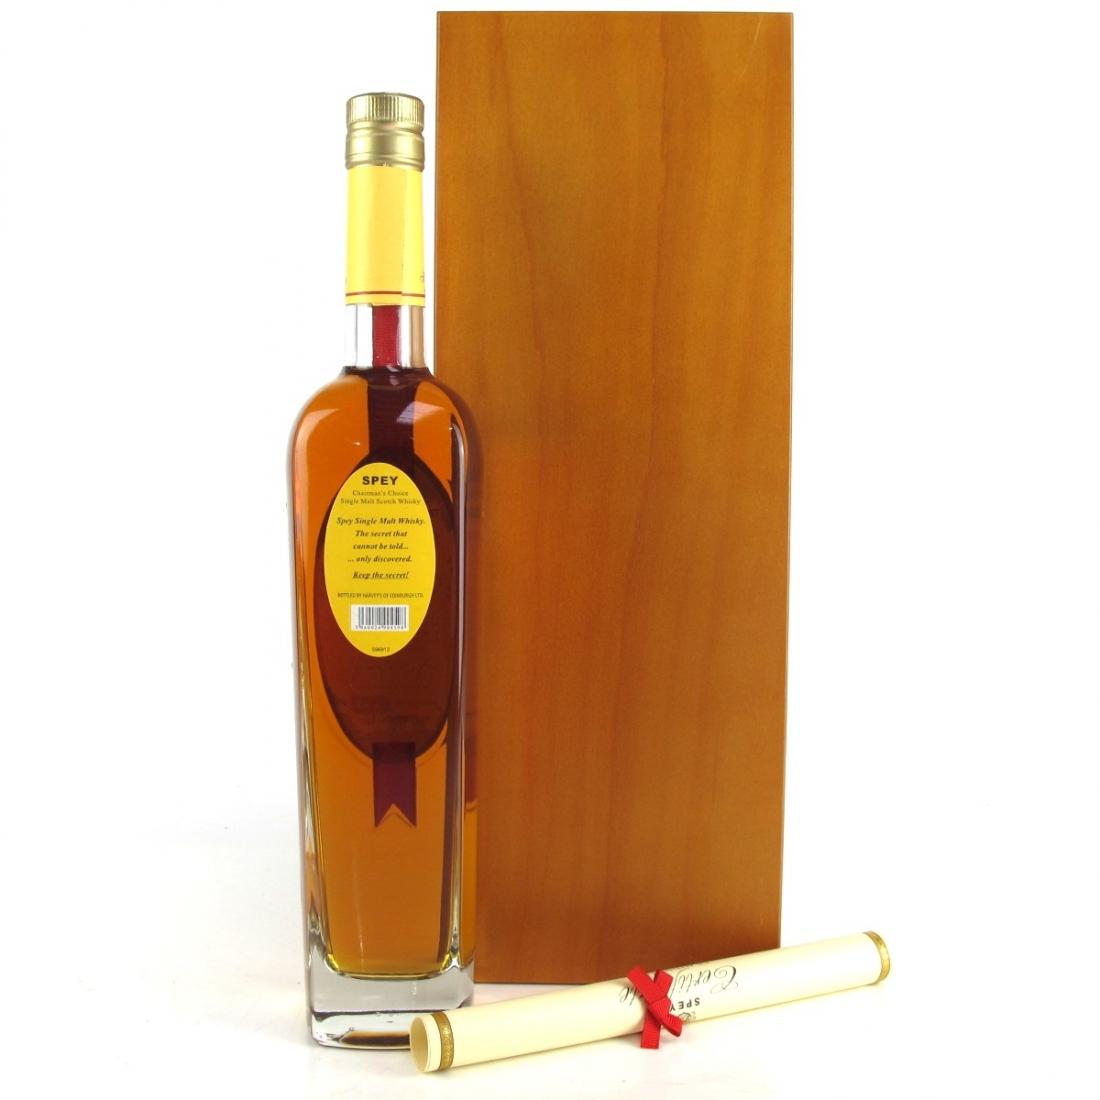 Spey Distillery Chairman's Choice